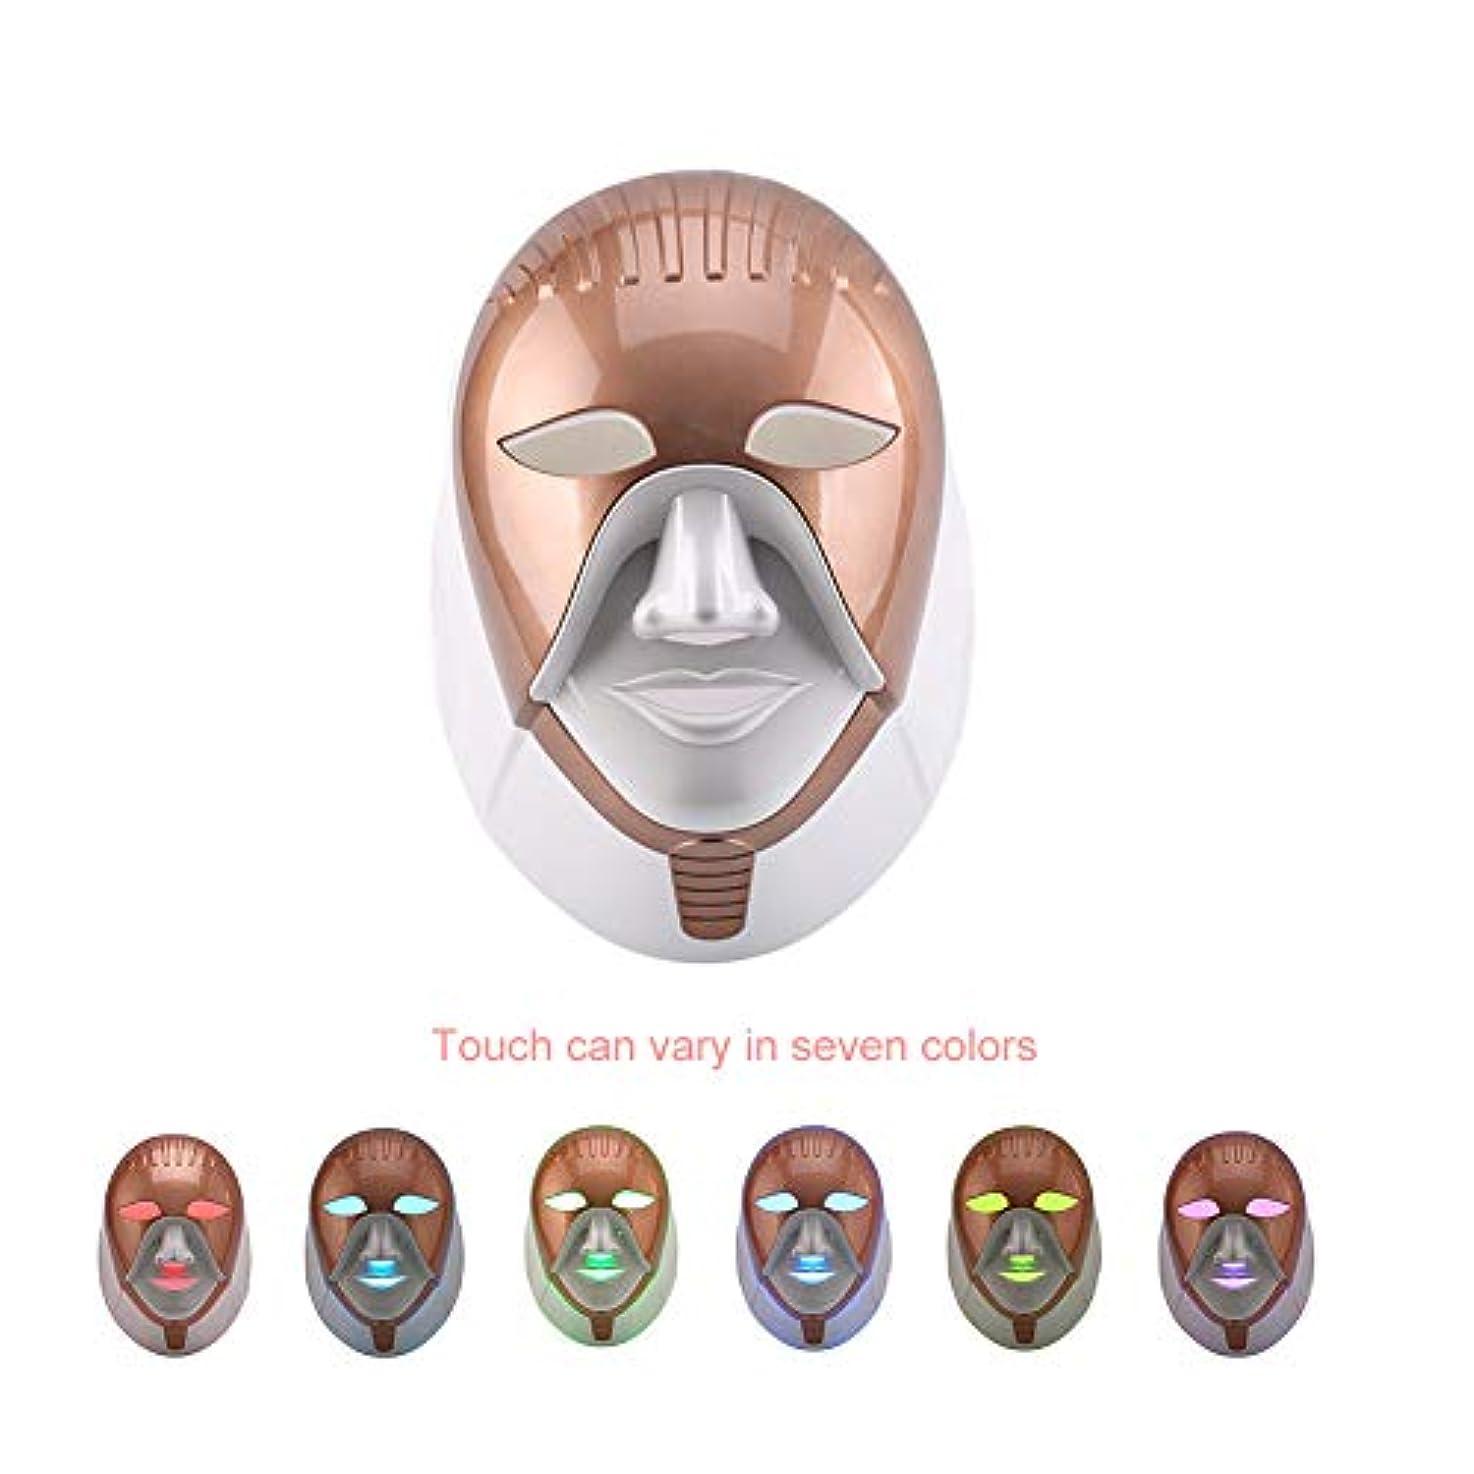 筋提供されたすでに7色led光子フェイスマスク、にきび除去しわ治療、インテリジェントタッチコントロール光子療法、美容機器にきび肌の若返り